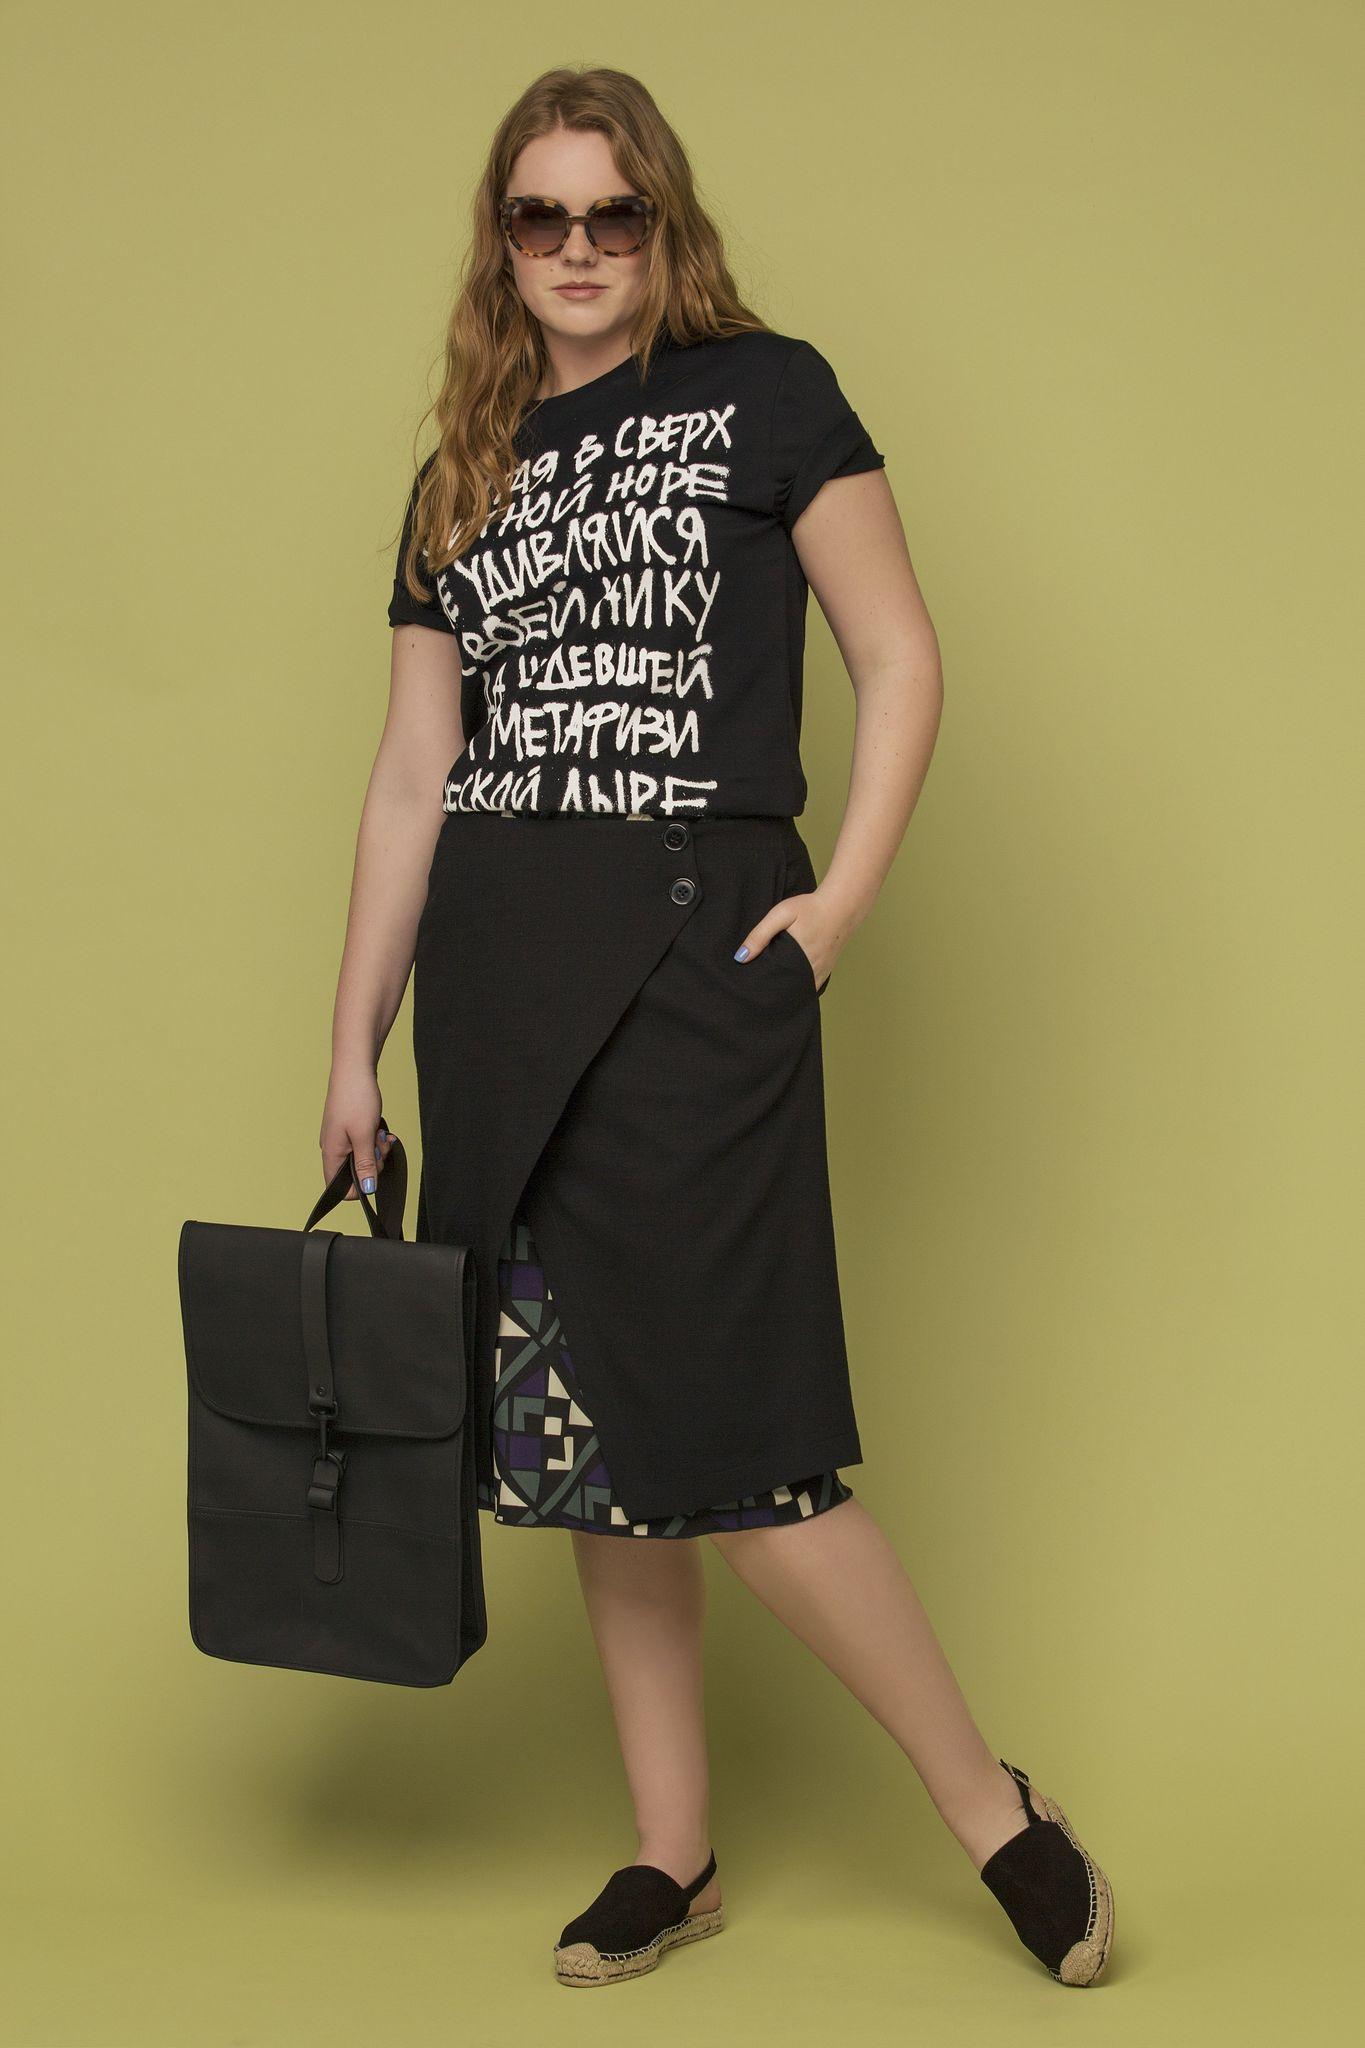 Юбка LE-04 SK01 01/95Юбки<br>Многослойная  юбка с запахом выпущена в ограниченом тираже. Застегивается на пуговицы, подъюбник с графичным принтом. Та самая сложная многослойность силуэта, столь любимая всеми стилистами в этом сезоне.<br>